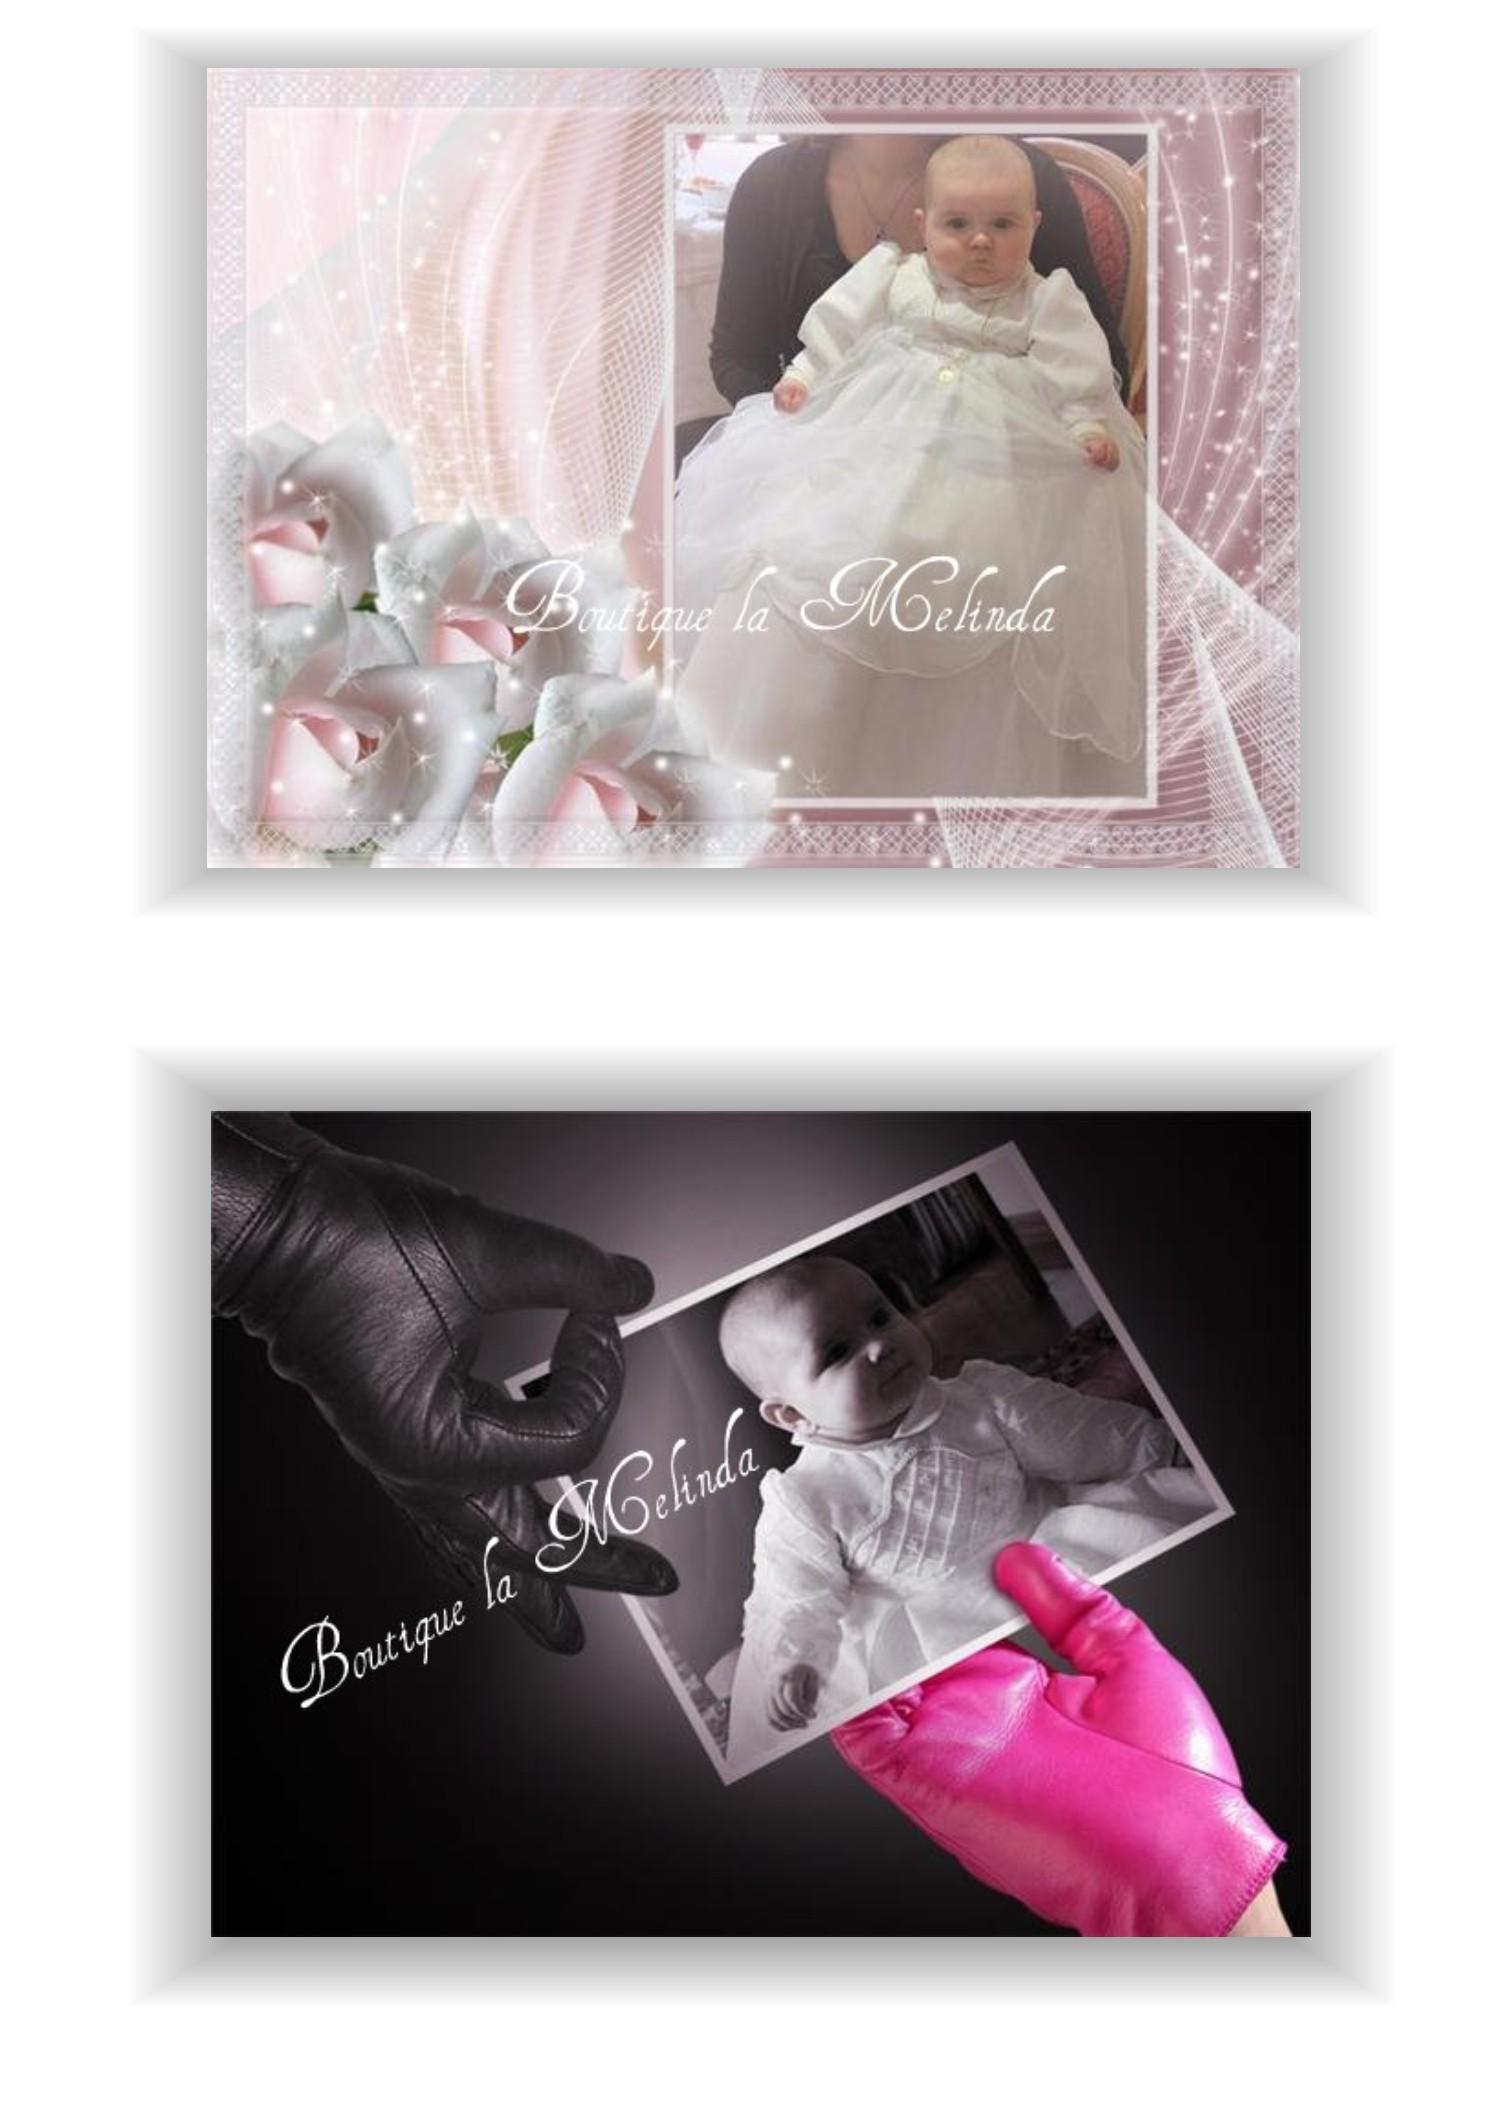 BOUTIQUE LA MELINDA CEREMONIE BAPTEME ENFANT COLLECTION PORTUGAL ALBUM photo 4.jpg